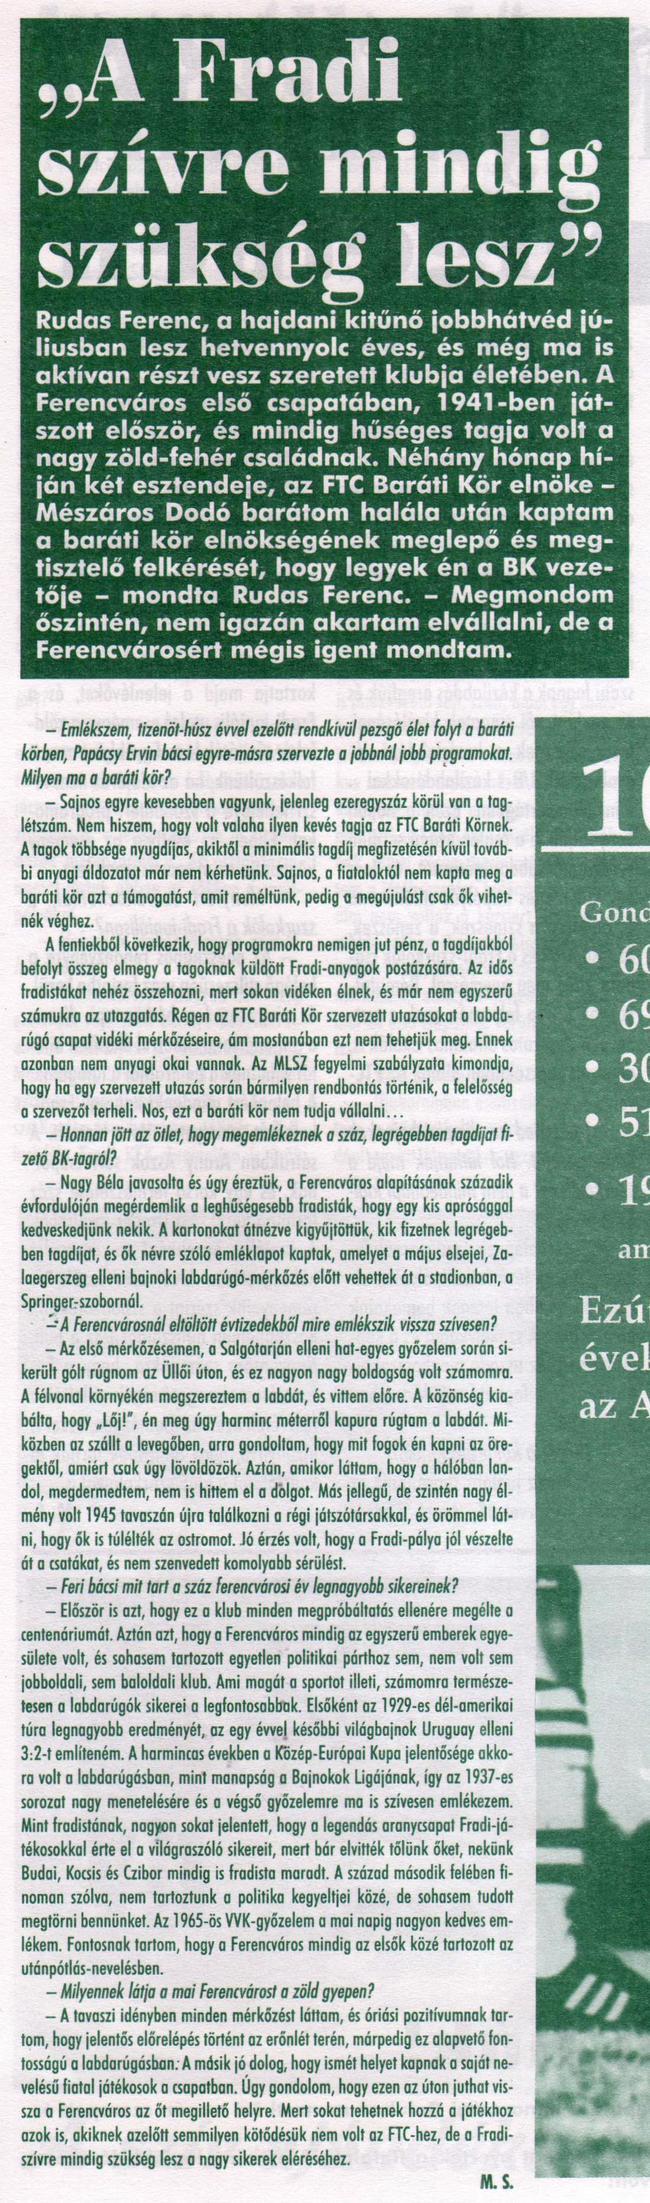 TFU_19990519_FCU_016 - 0012